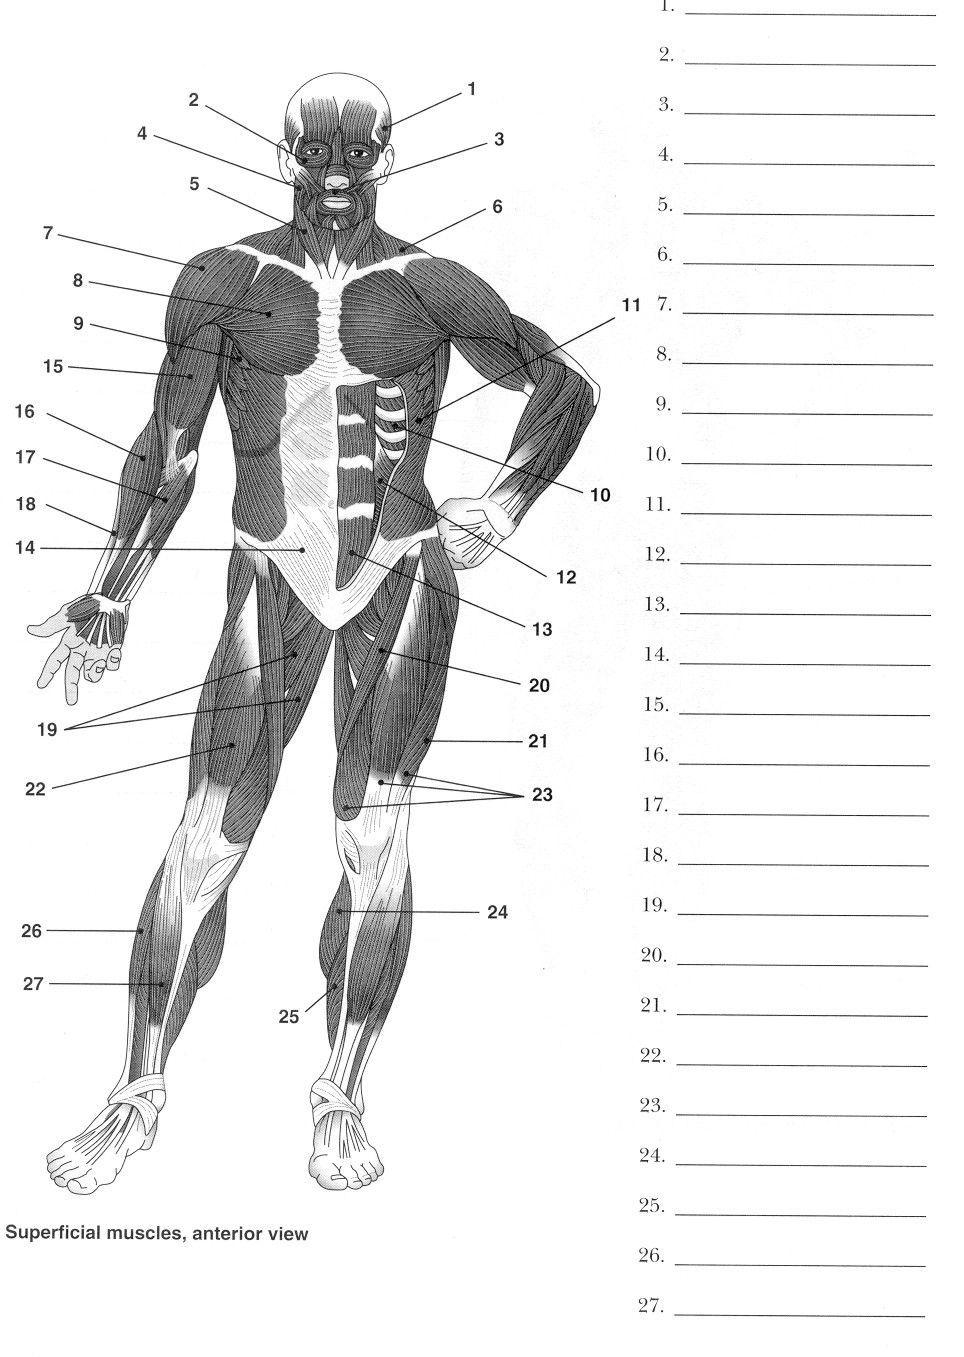 label muscles worksheet muscleanatomy [ 964 x 1357 Pixel ]